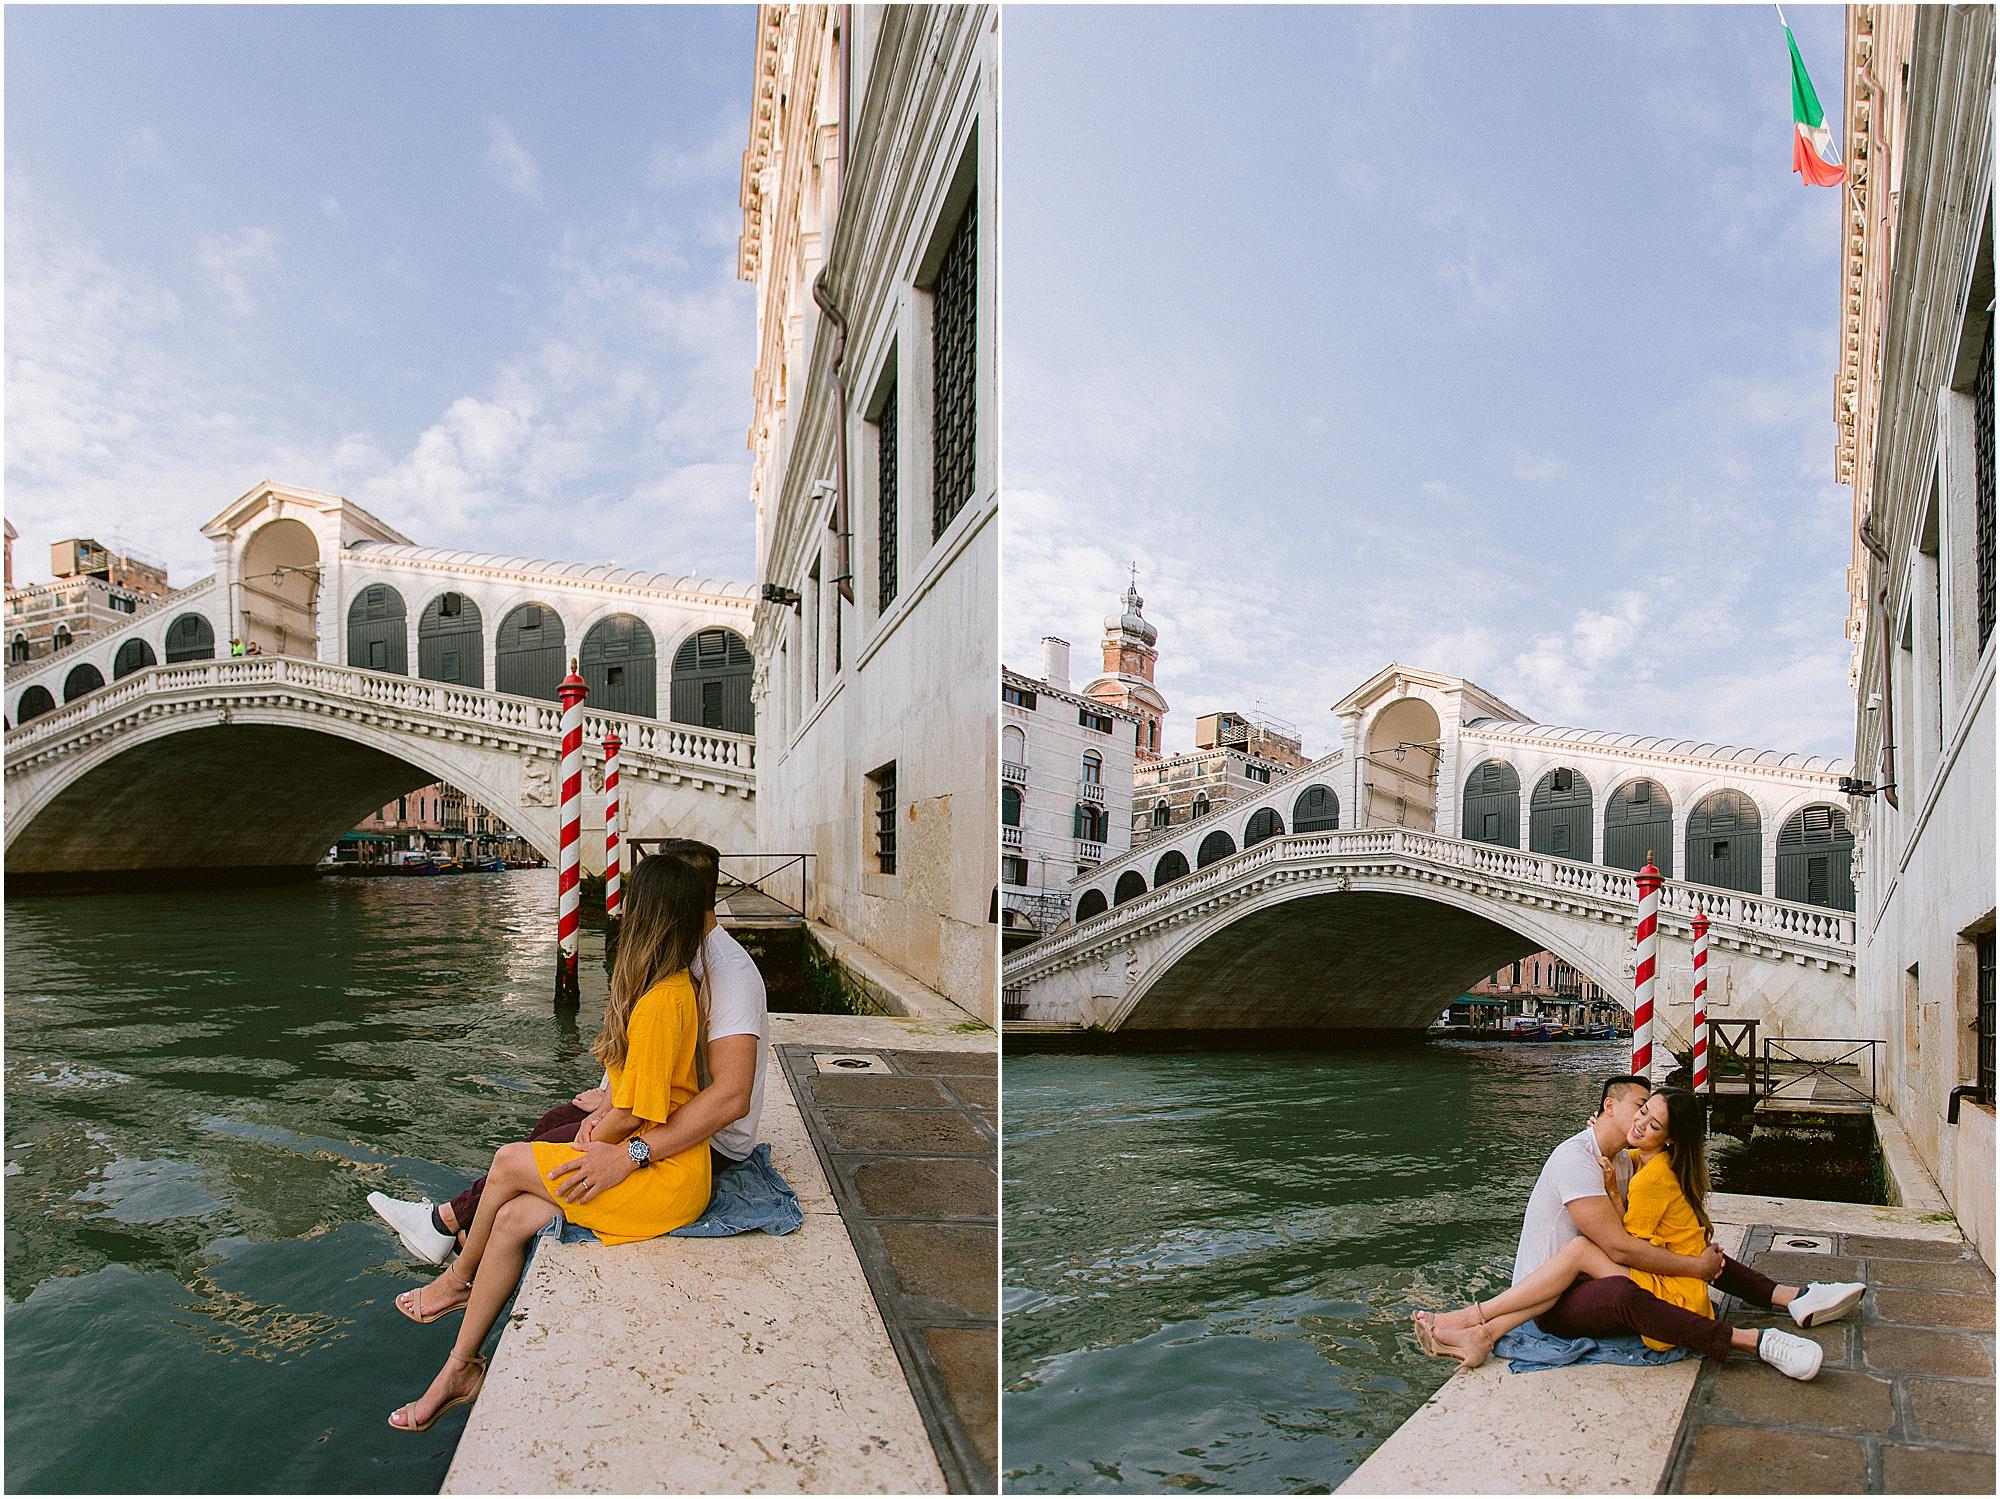 couple-lifestyle-photoshoot-in-venice-gondola-sunrise-stefano-degirmenci_0121.jpg